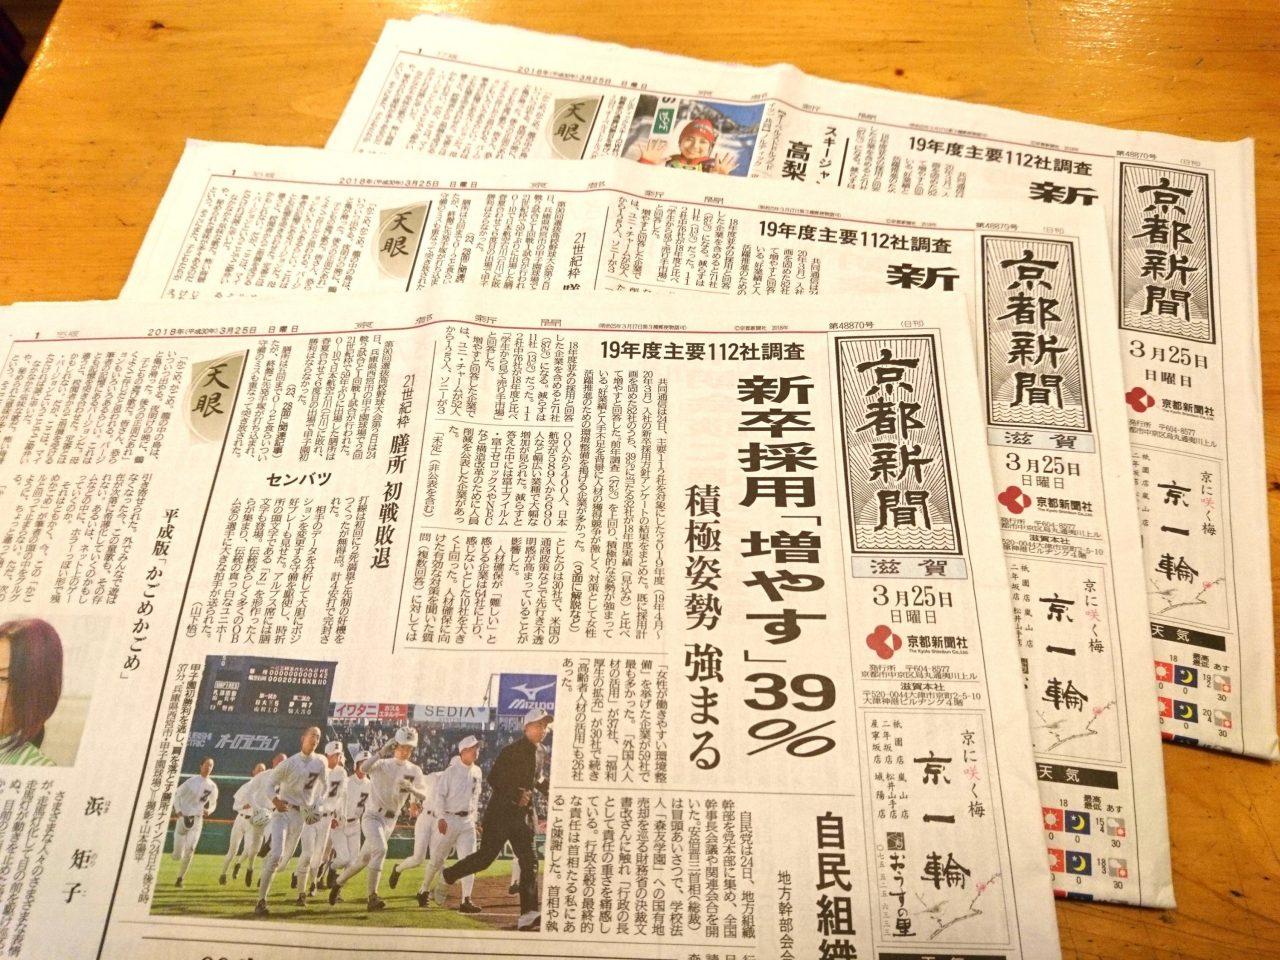 【新聞版数面建て調査】2018.3.25朝刊(8)京都新聞